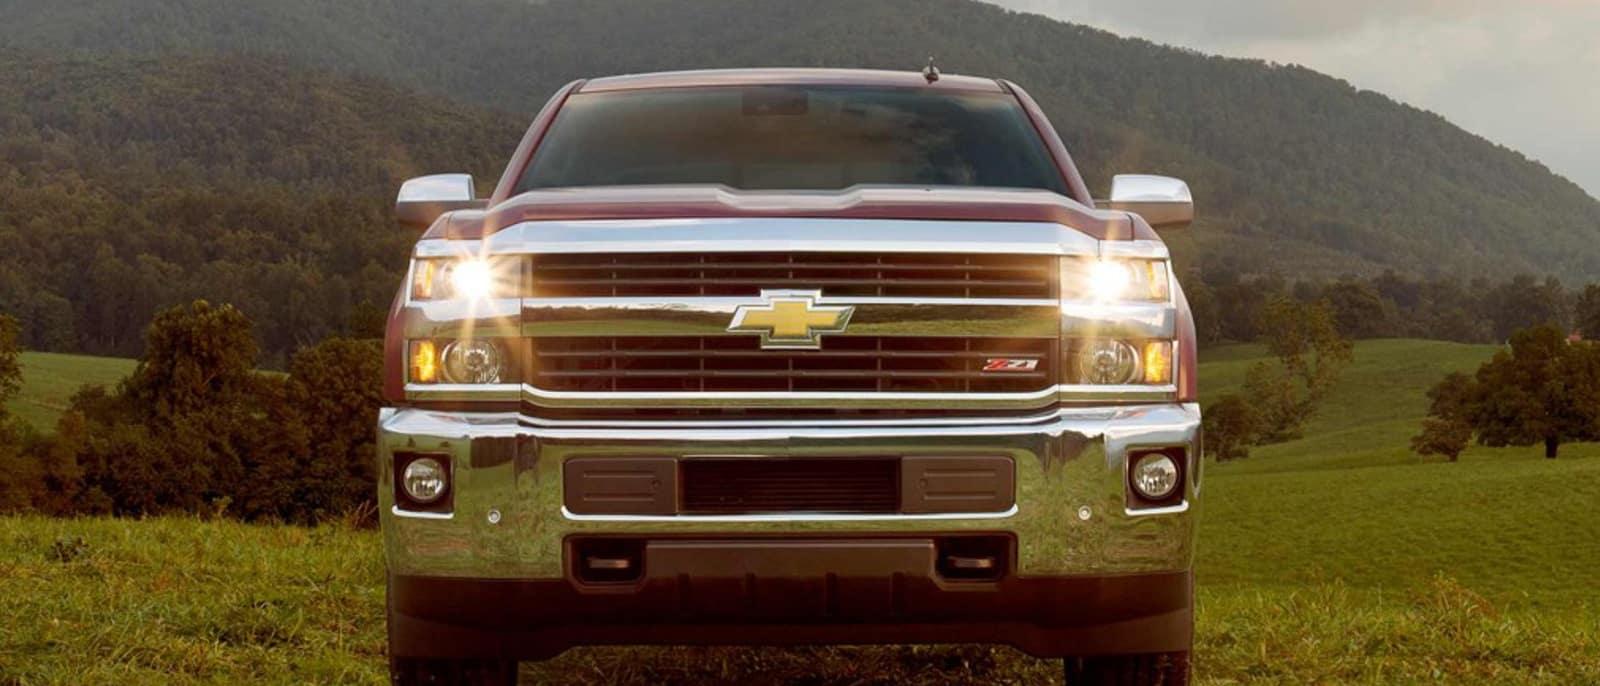 2015 Chevy Silverado Front